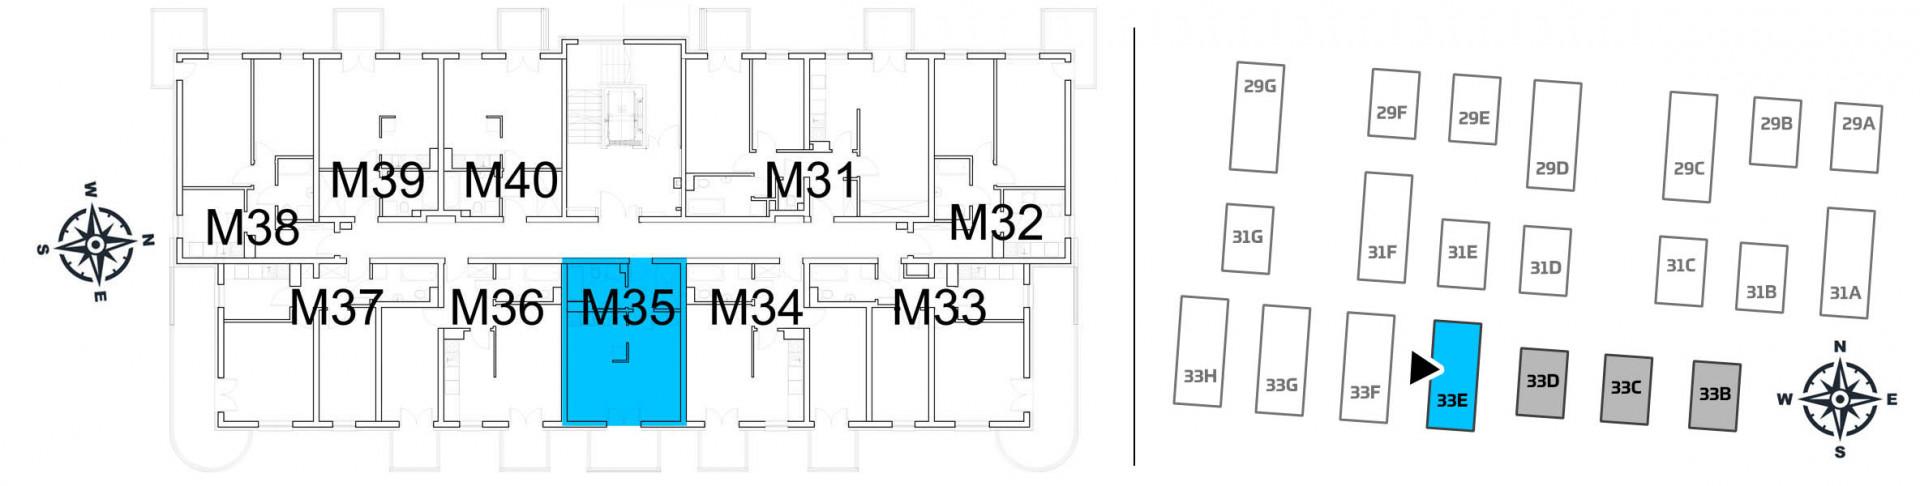 Mieszkanie jednopokojowe 33E/35 rzut 2